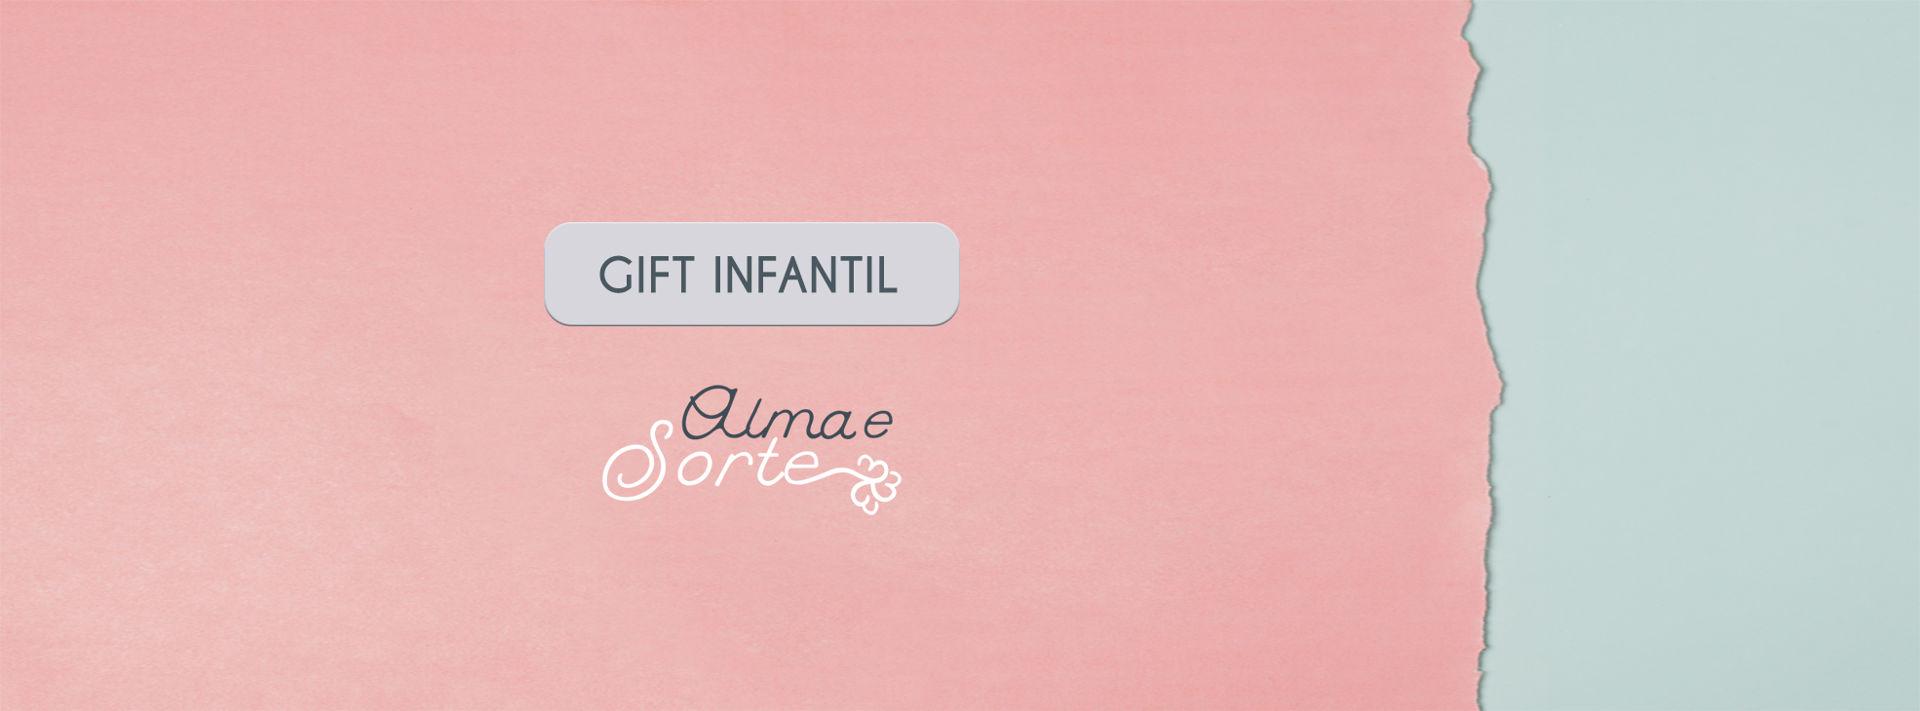 Gift Infantil